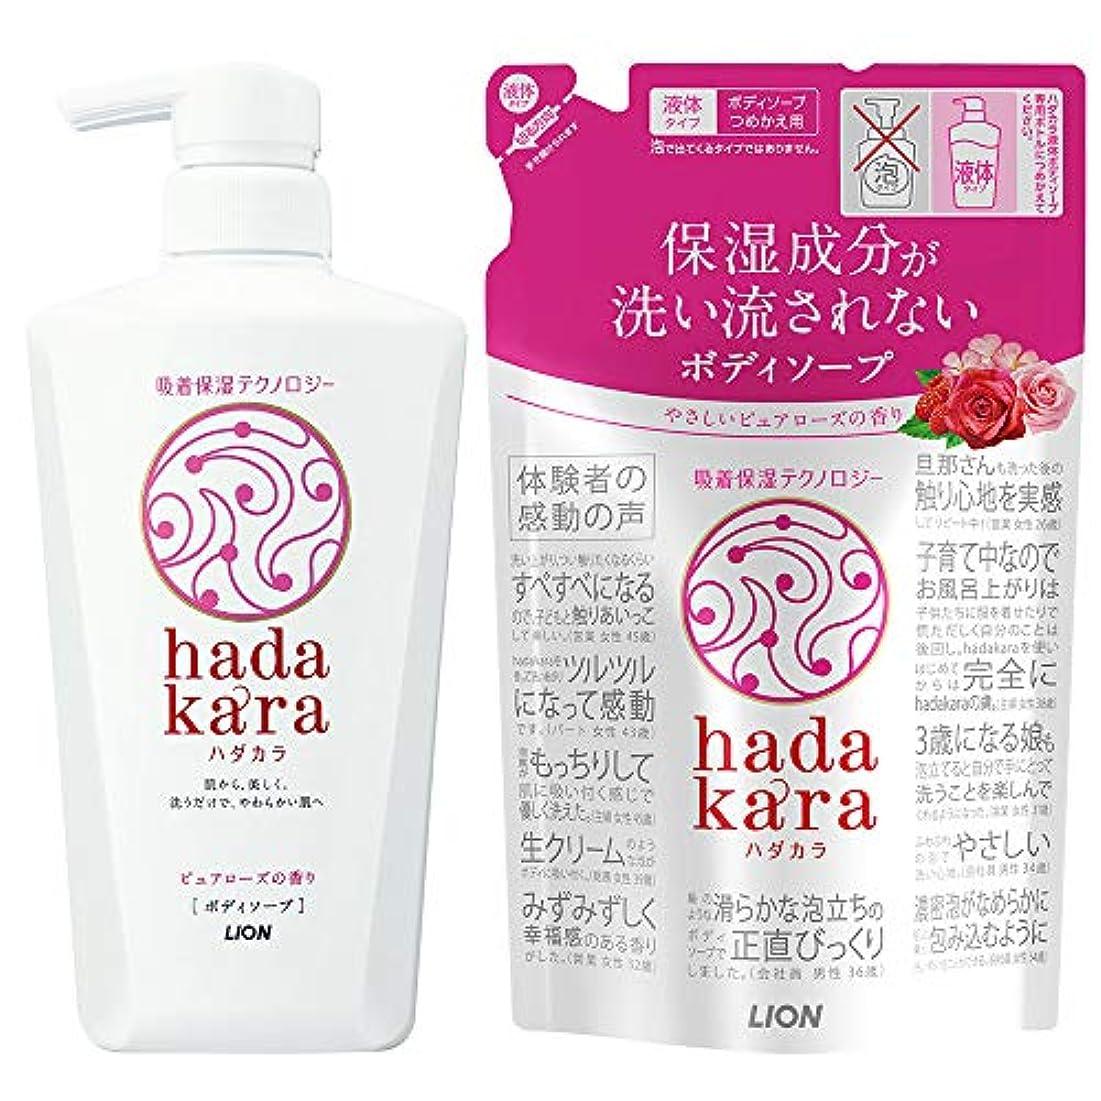 スイッチ独裁者作物hadakara(ハダカラ) ボディソープ ピュアローズの香り 本体500ml+つめかえ360ml +